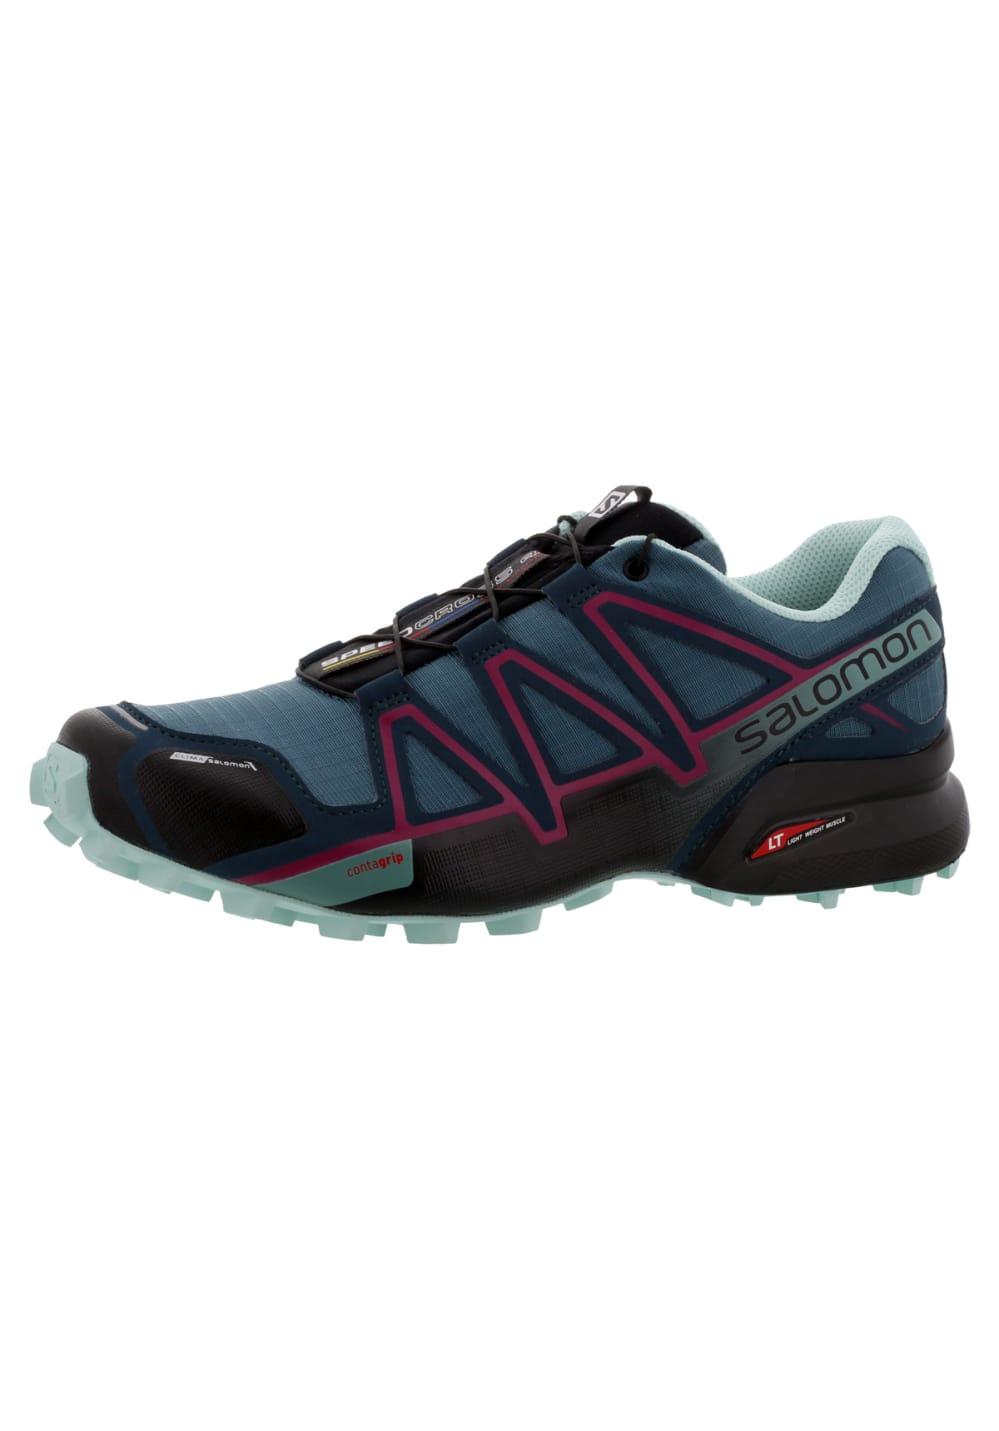 a7a9a4a46 Salomon Speedcross 4 CS - Running shoes for Women - Blue